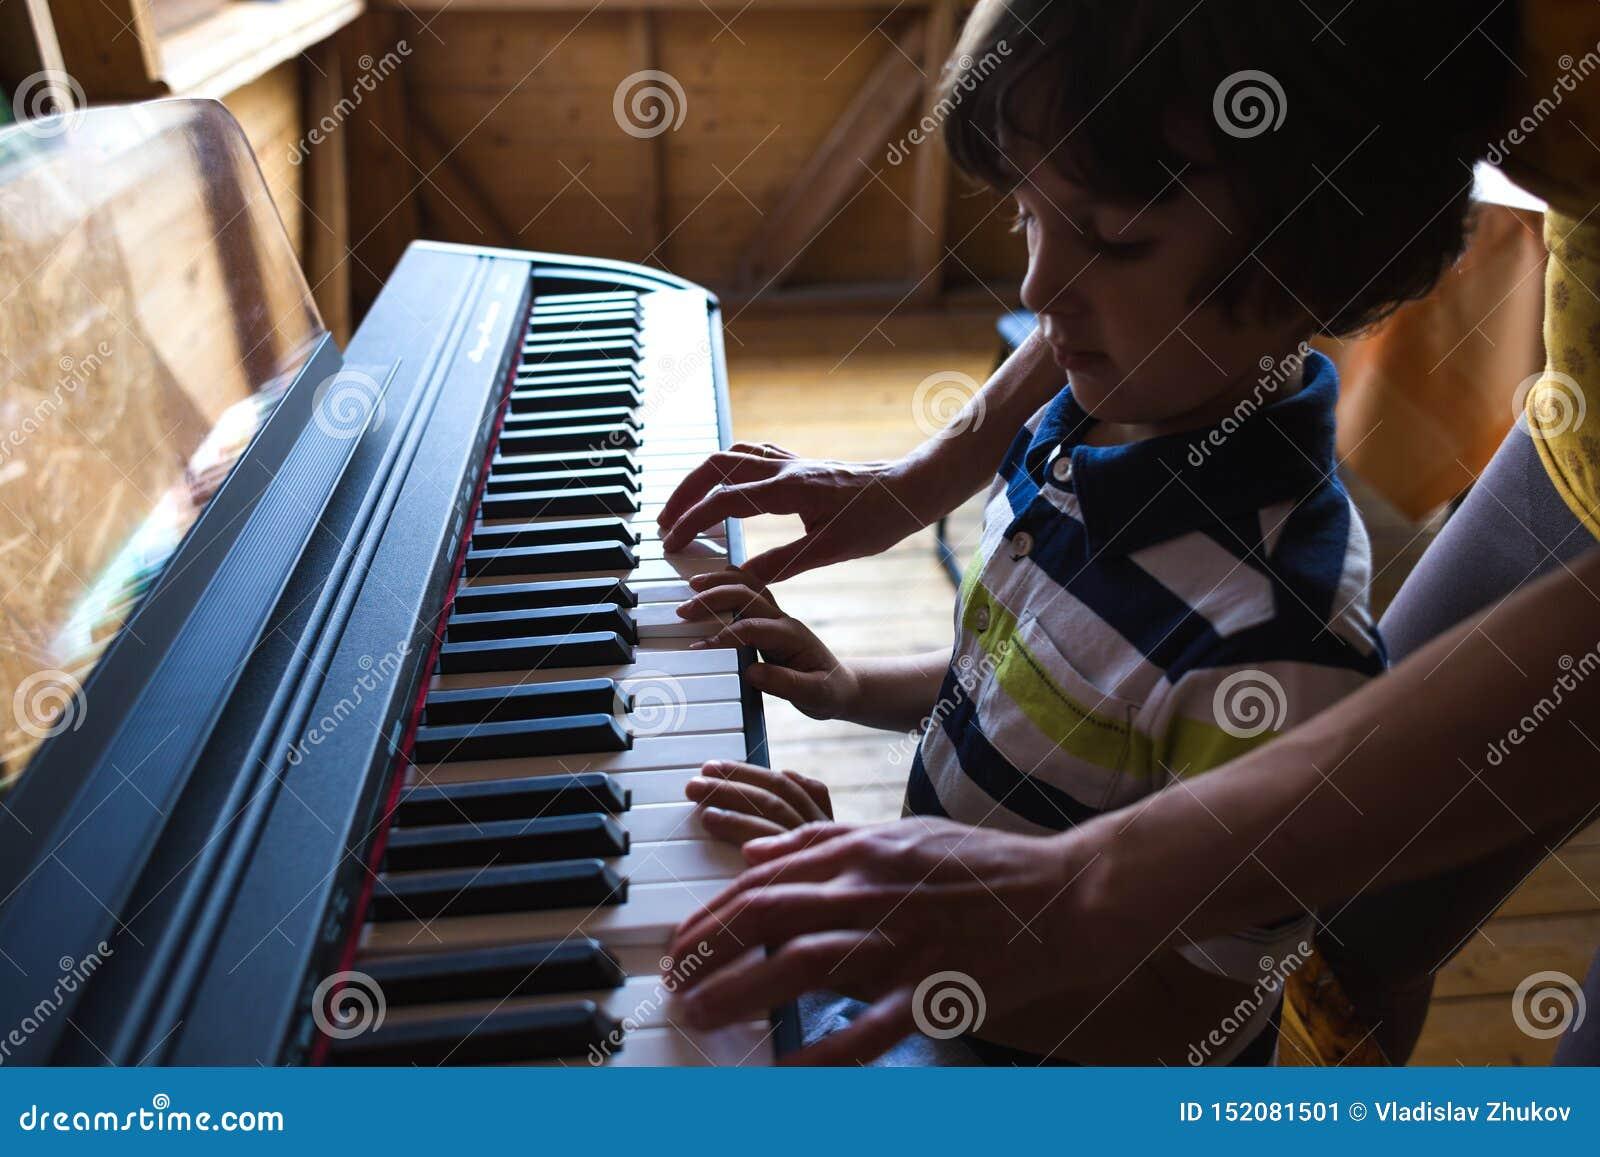 Дети и руки женщин на ключах рояля